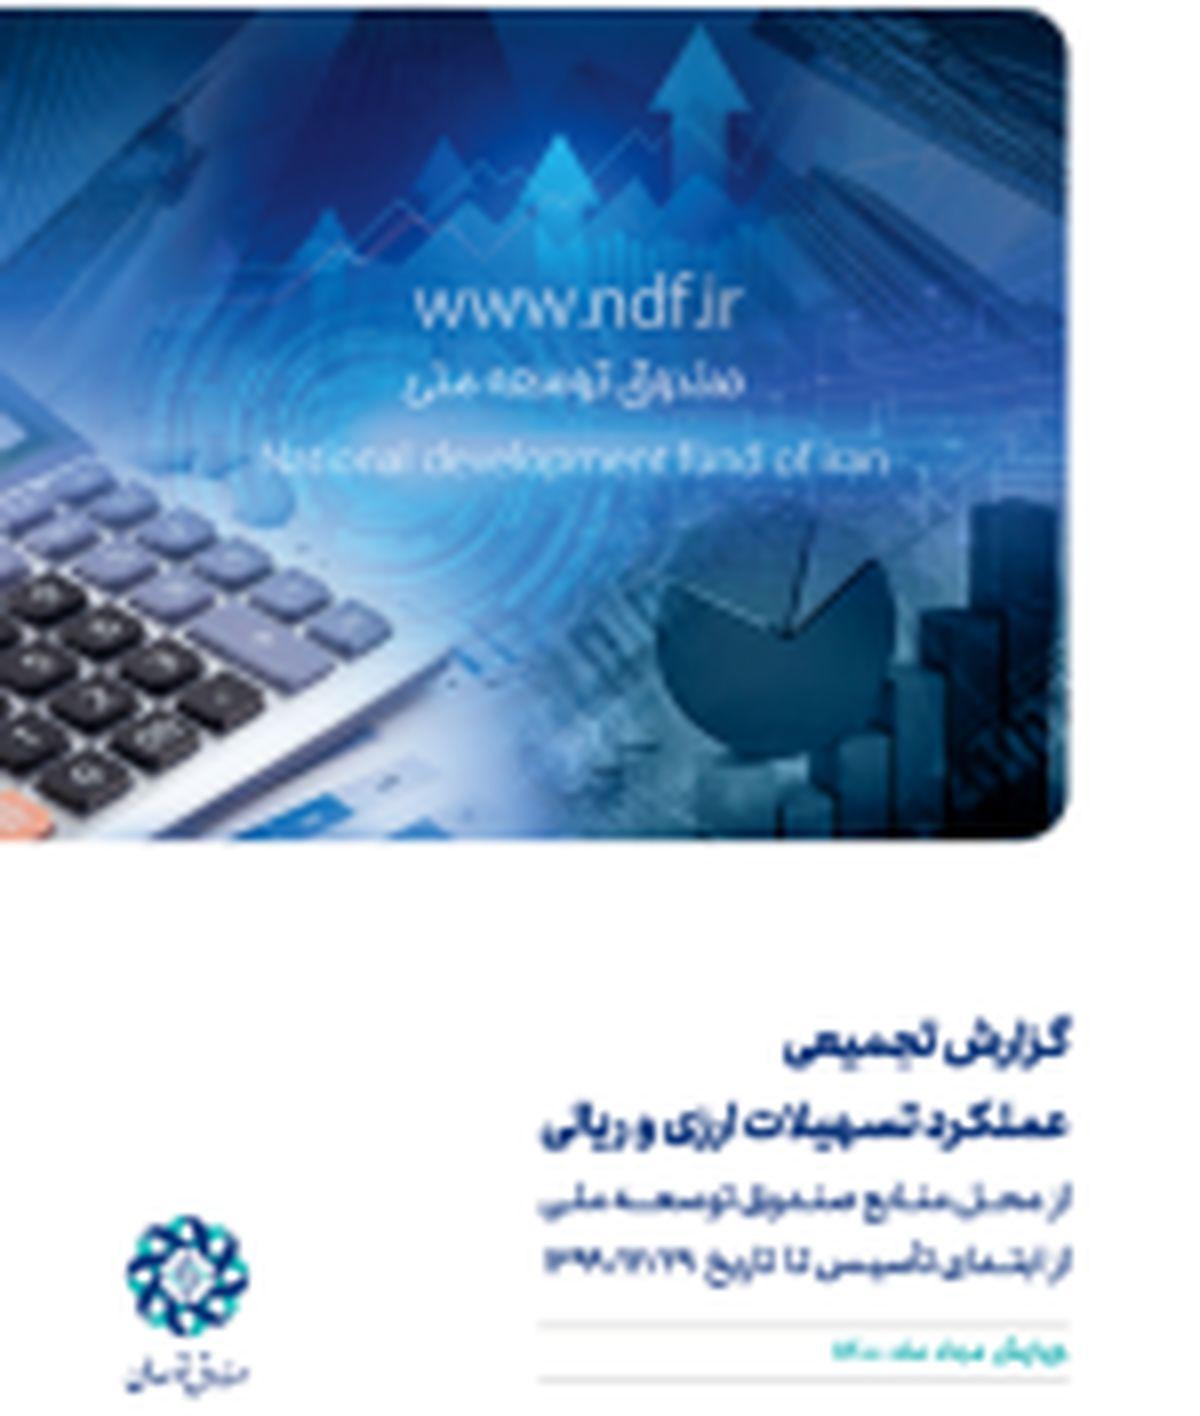 گزارش تجمیعی صندوق توسعه ملی از ابتدای تأسیس تا پایان سال ۱۳۹۹